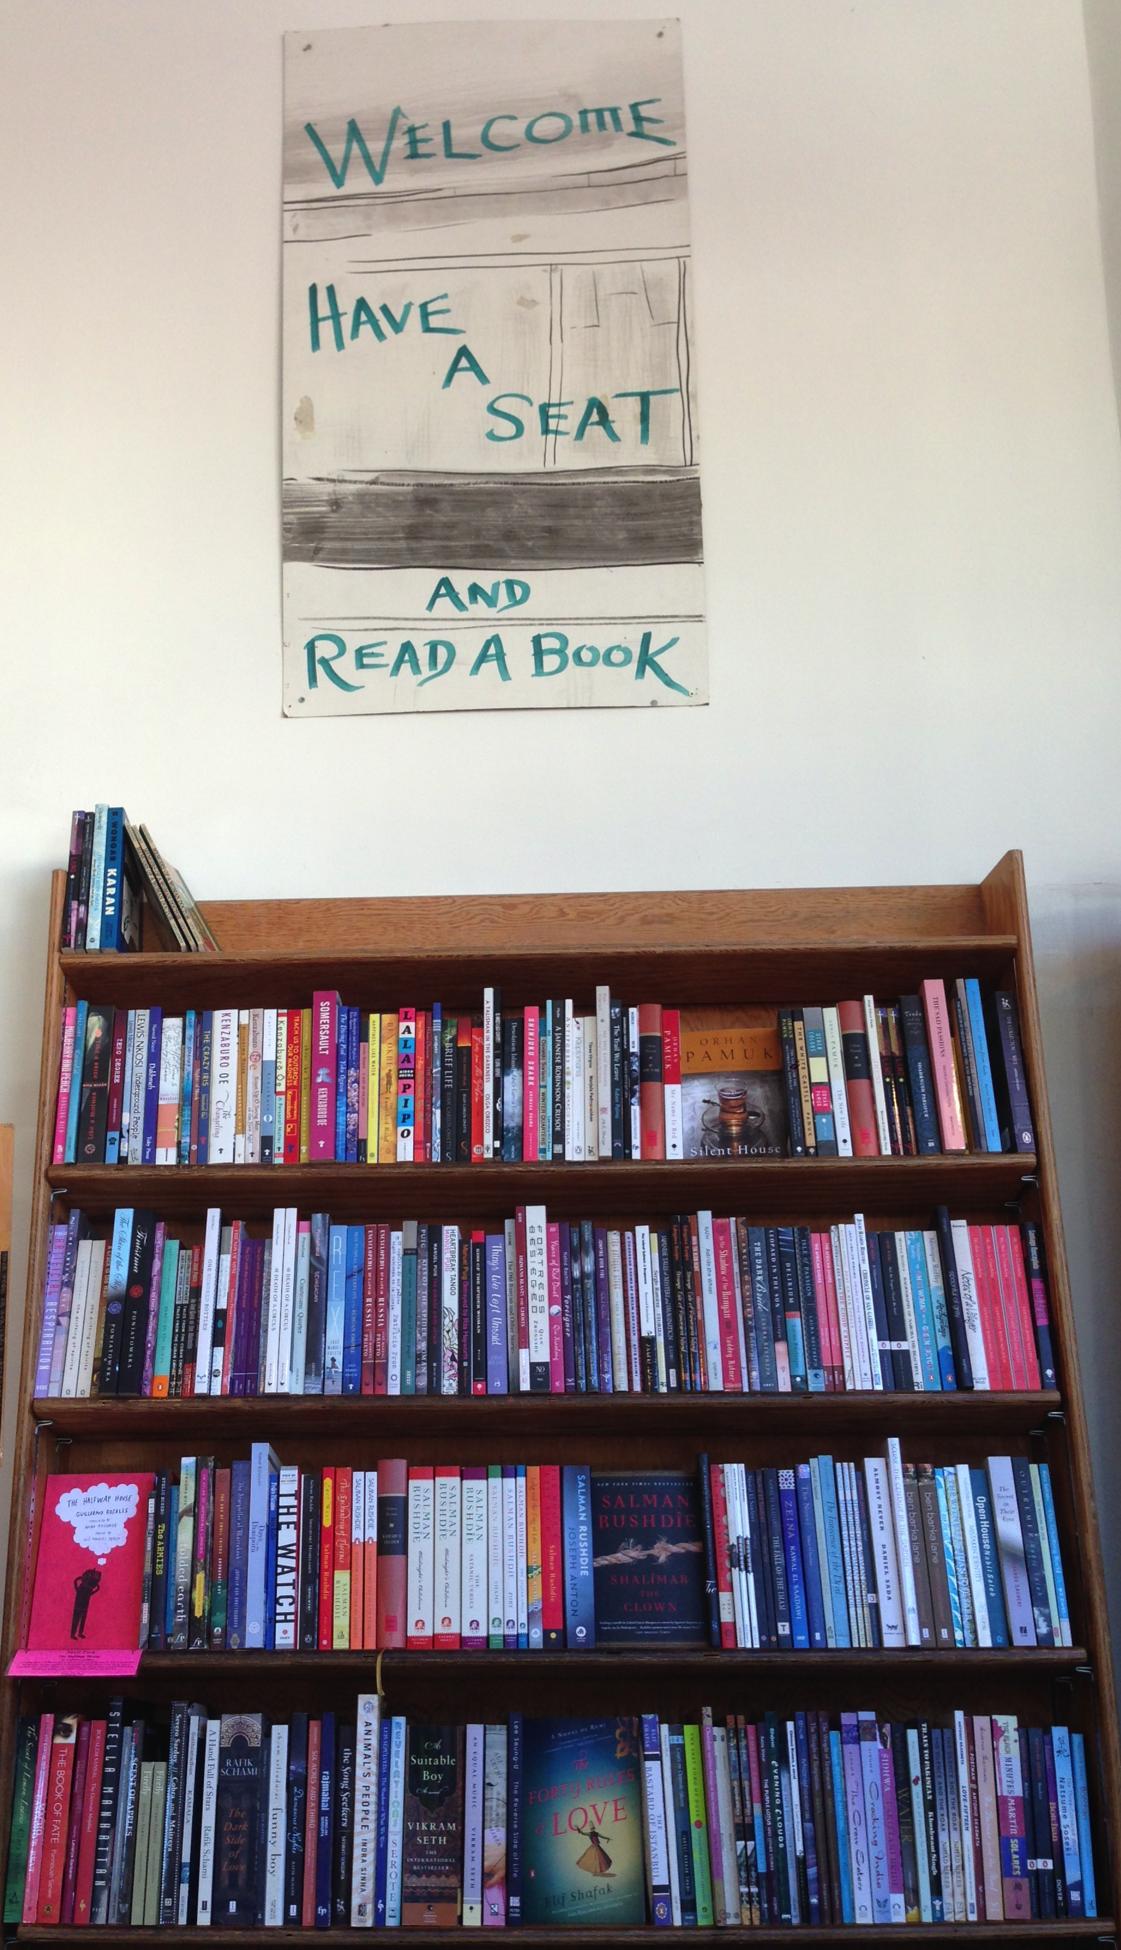 Libreria Per Libri Pesanti alessandro robecchi, il sito ufficiale » leggete, bestie